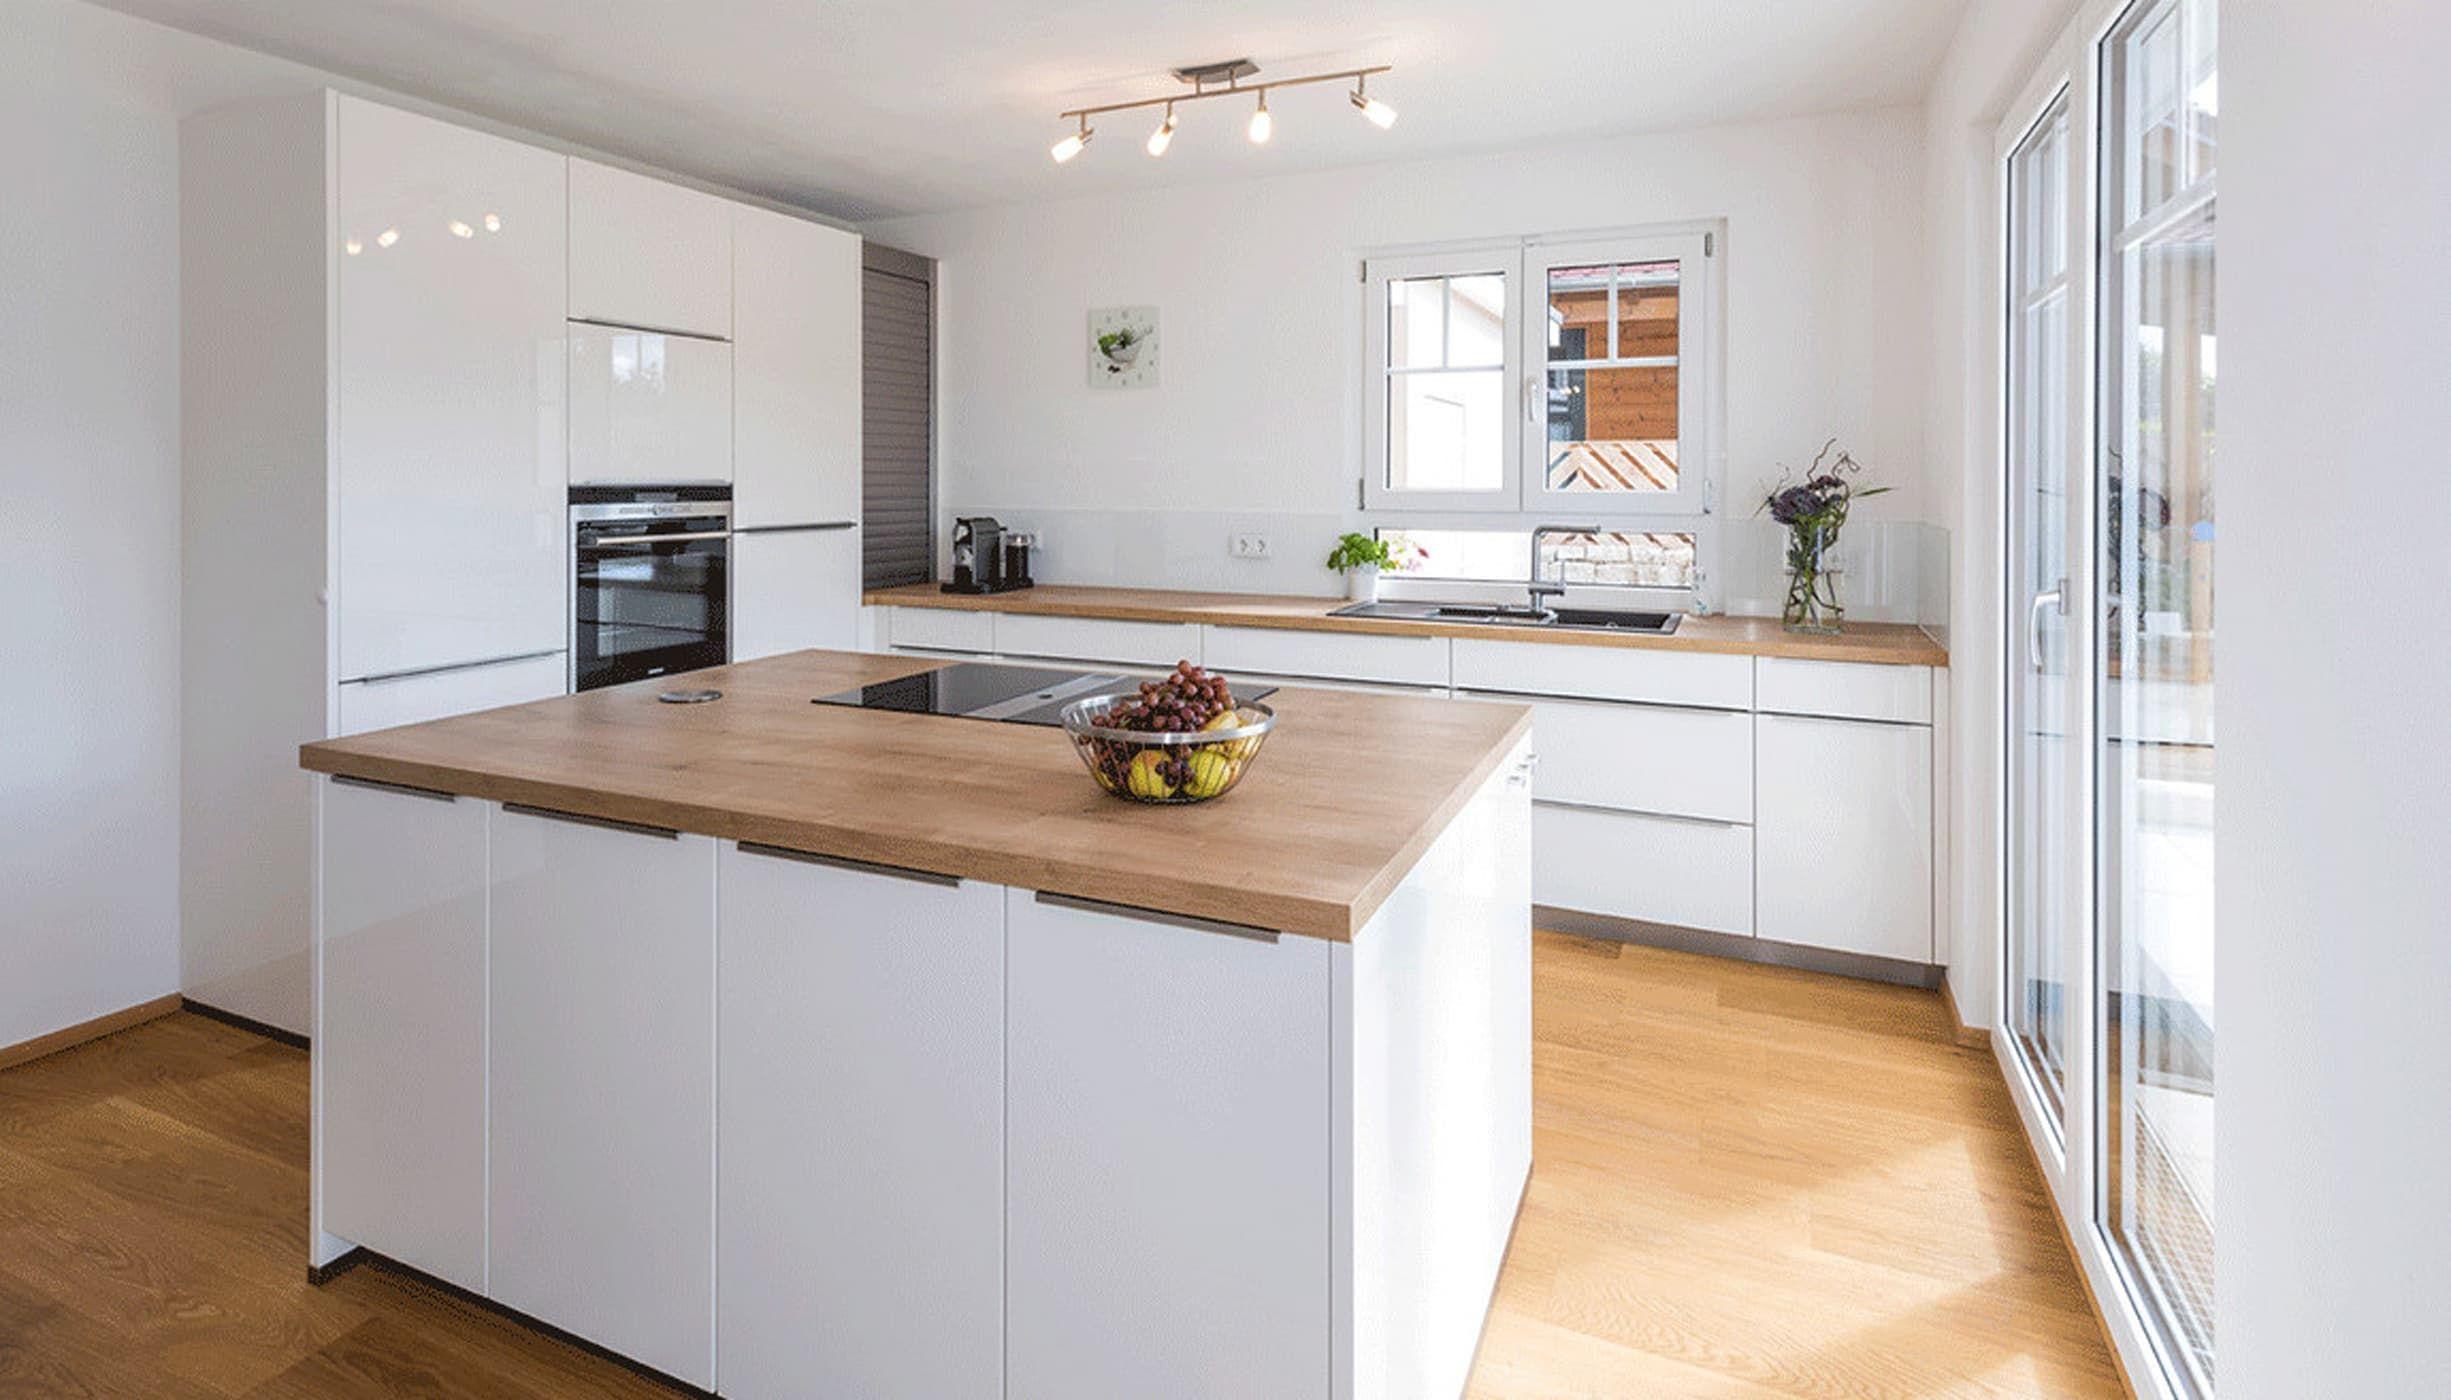 Küche mit zentralem küchenblock moderne küchen von kitzlingerhaus gmbh & co. kg modern #kücheideeneinrichtung